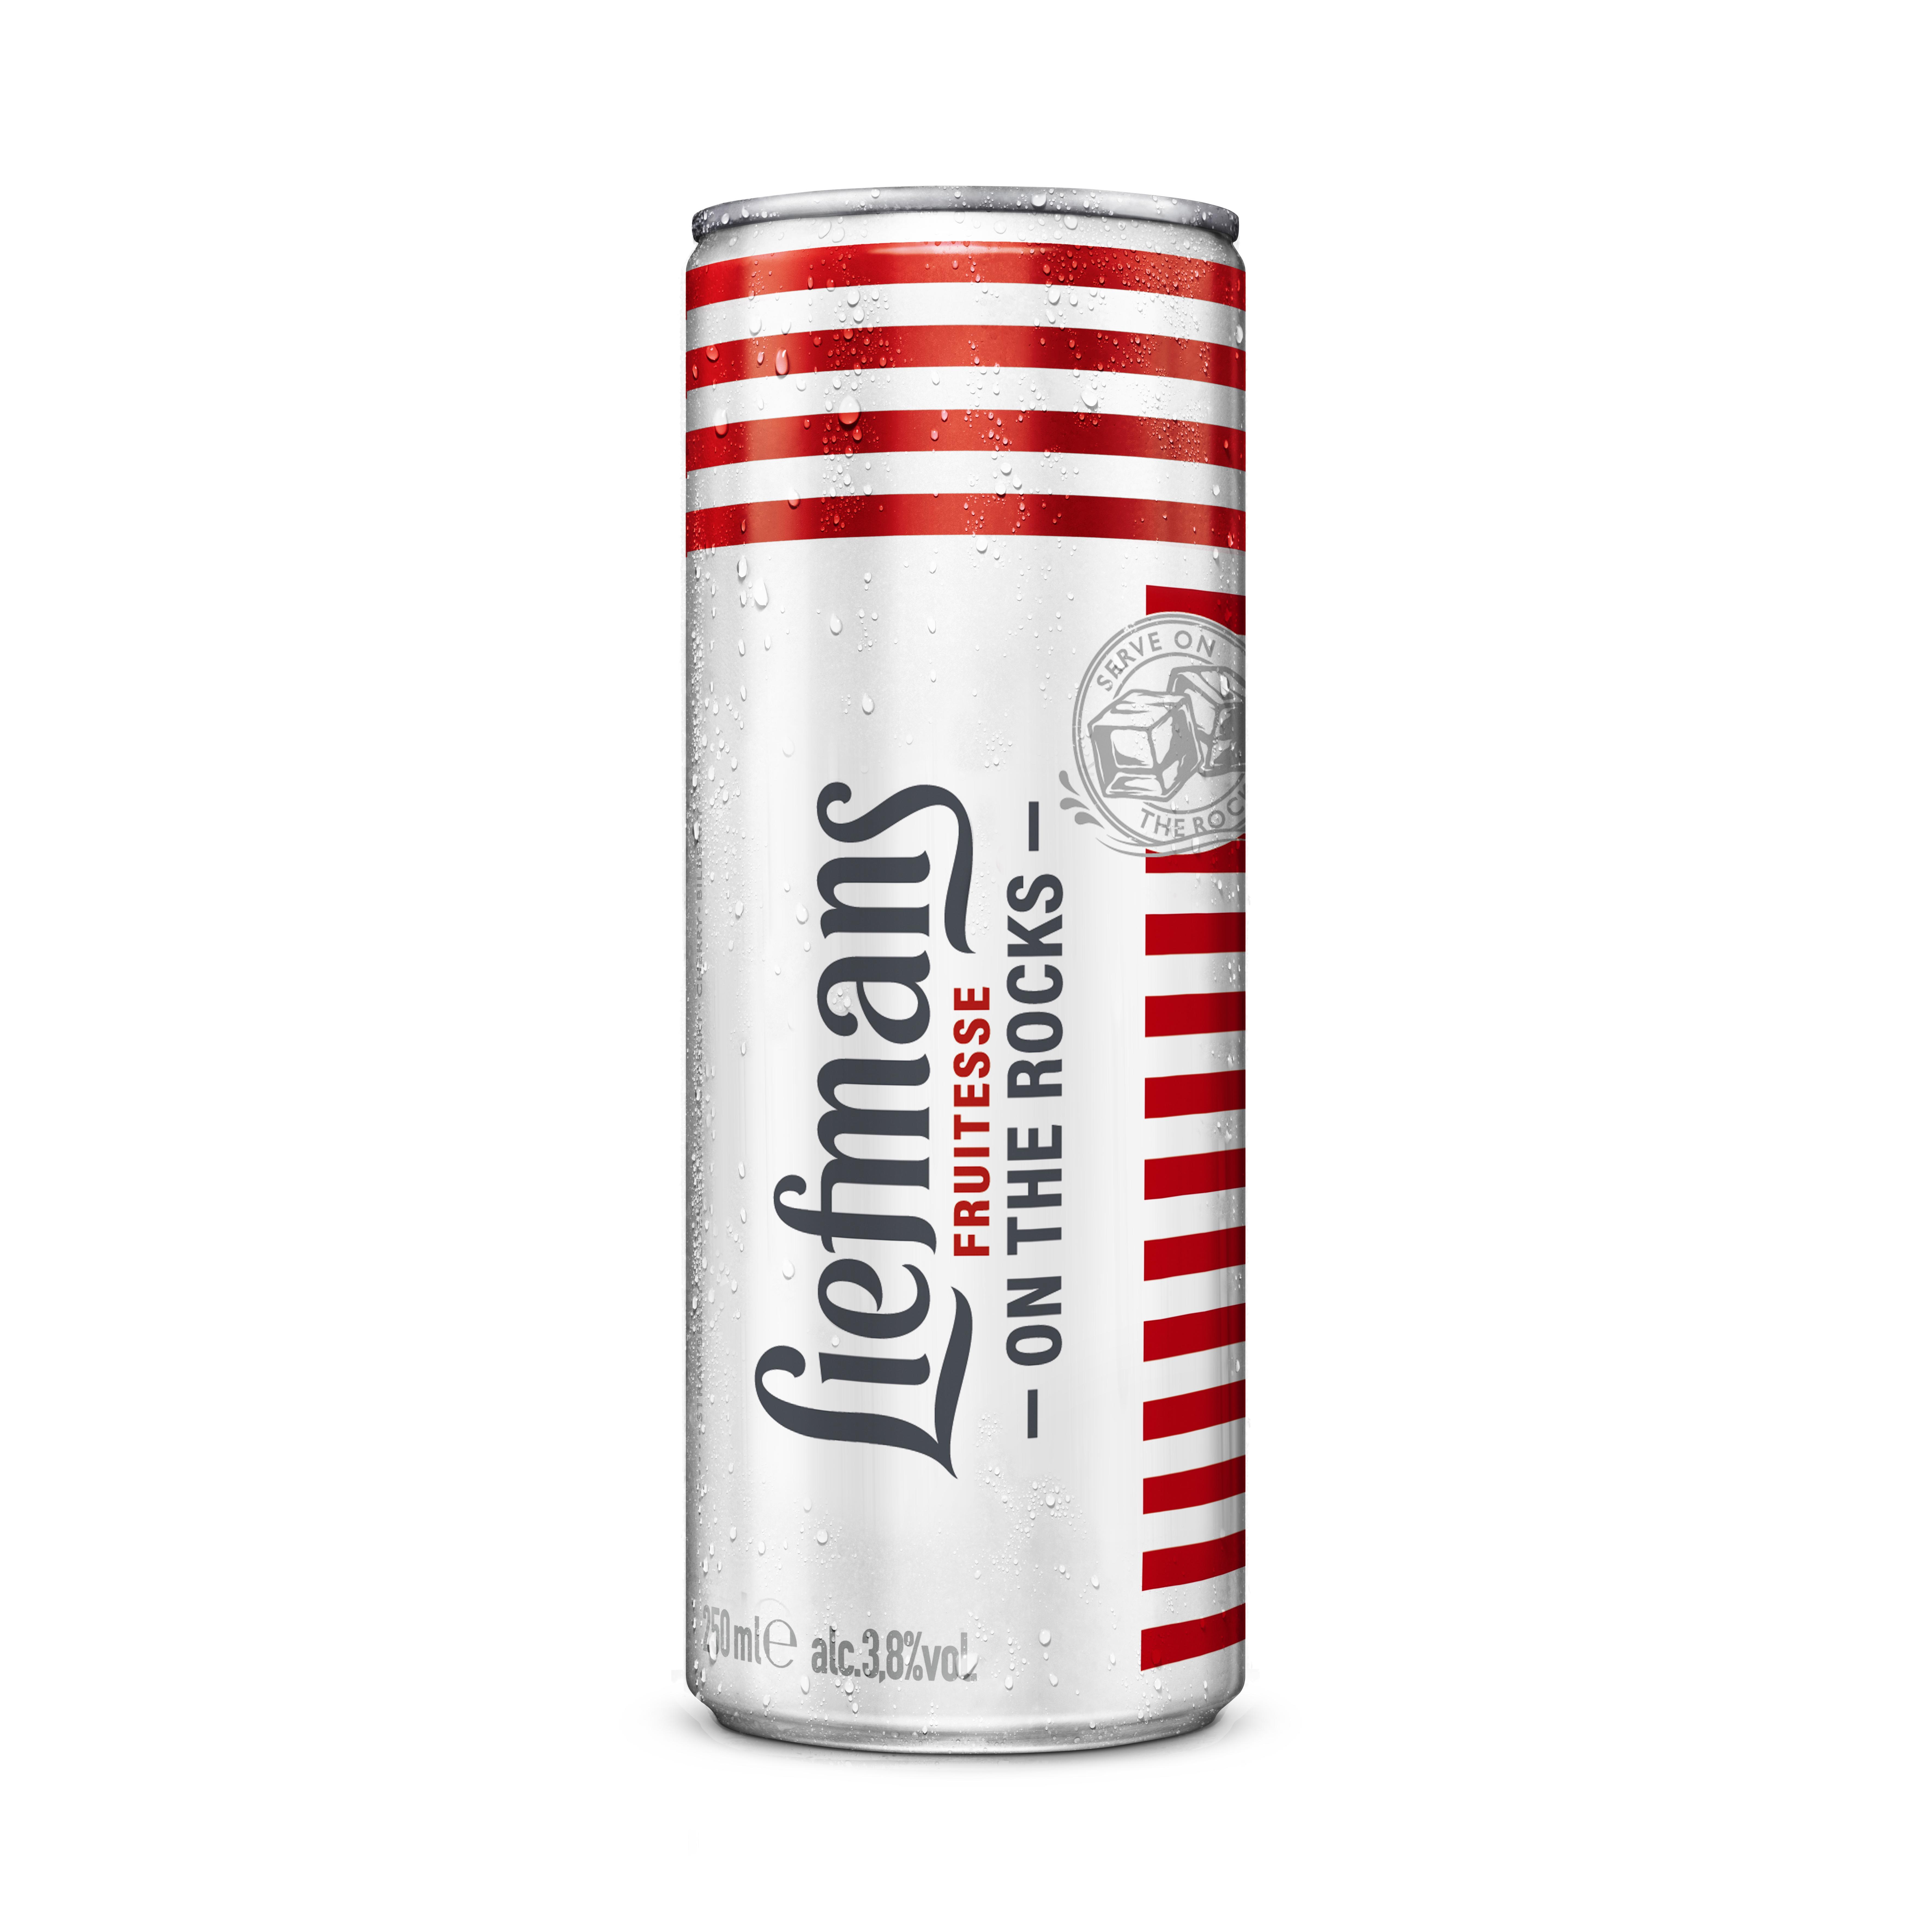 Blikje Liefmans Fruitesse (250 ml)